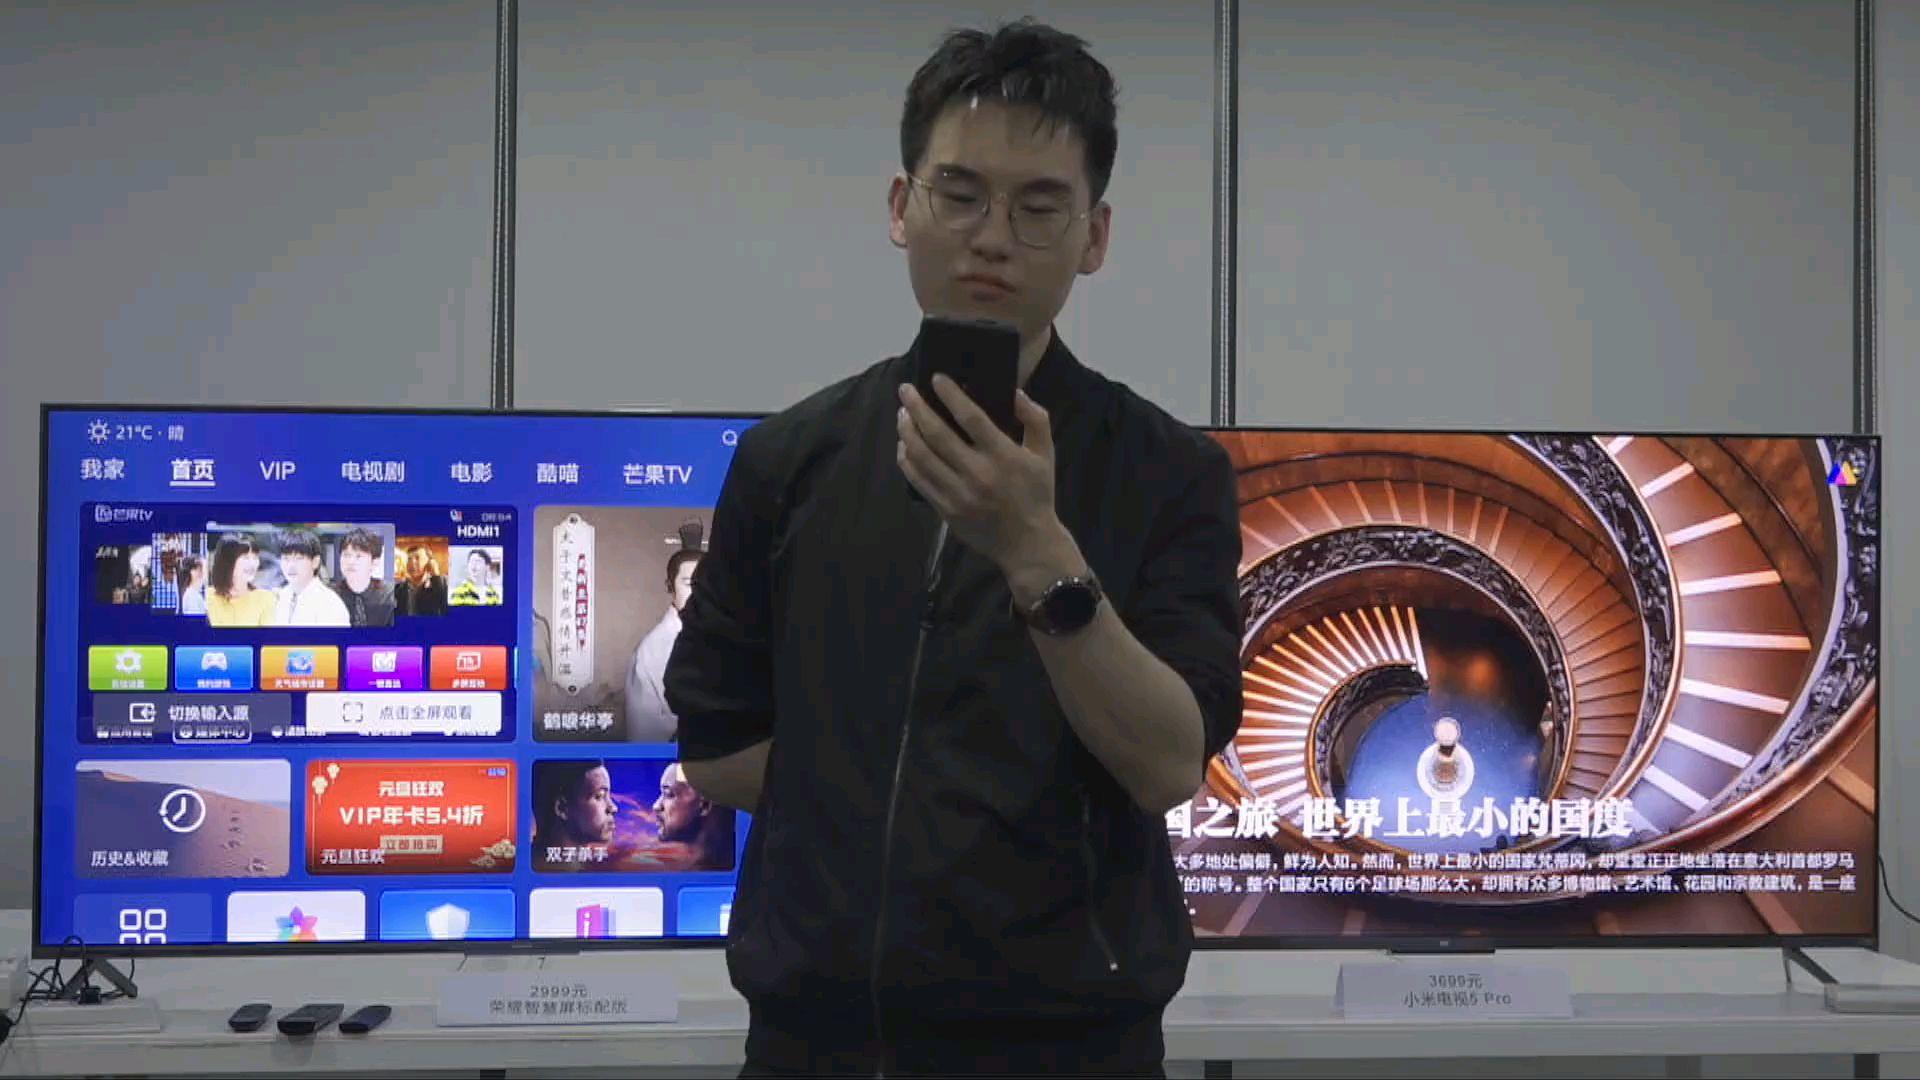 小米电视5vs荣耀智慧屏(转自微博李沛然)